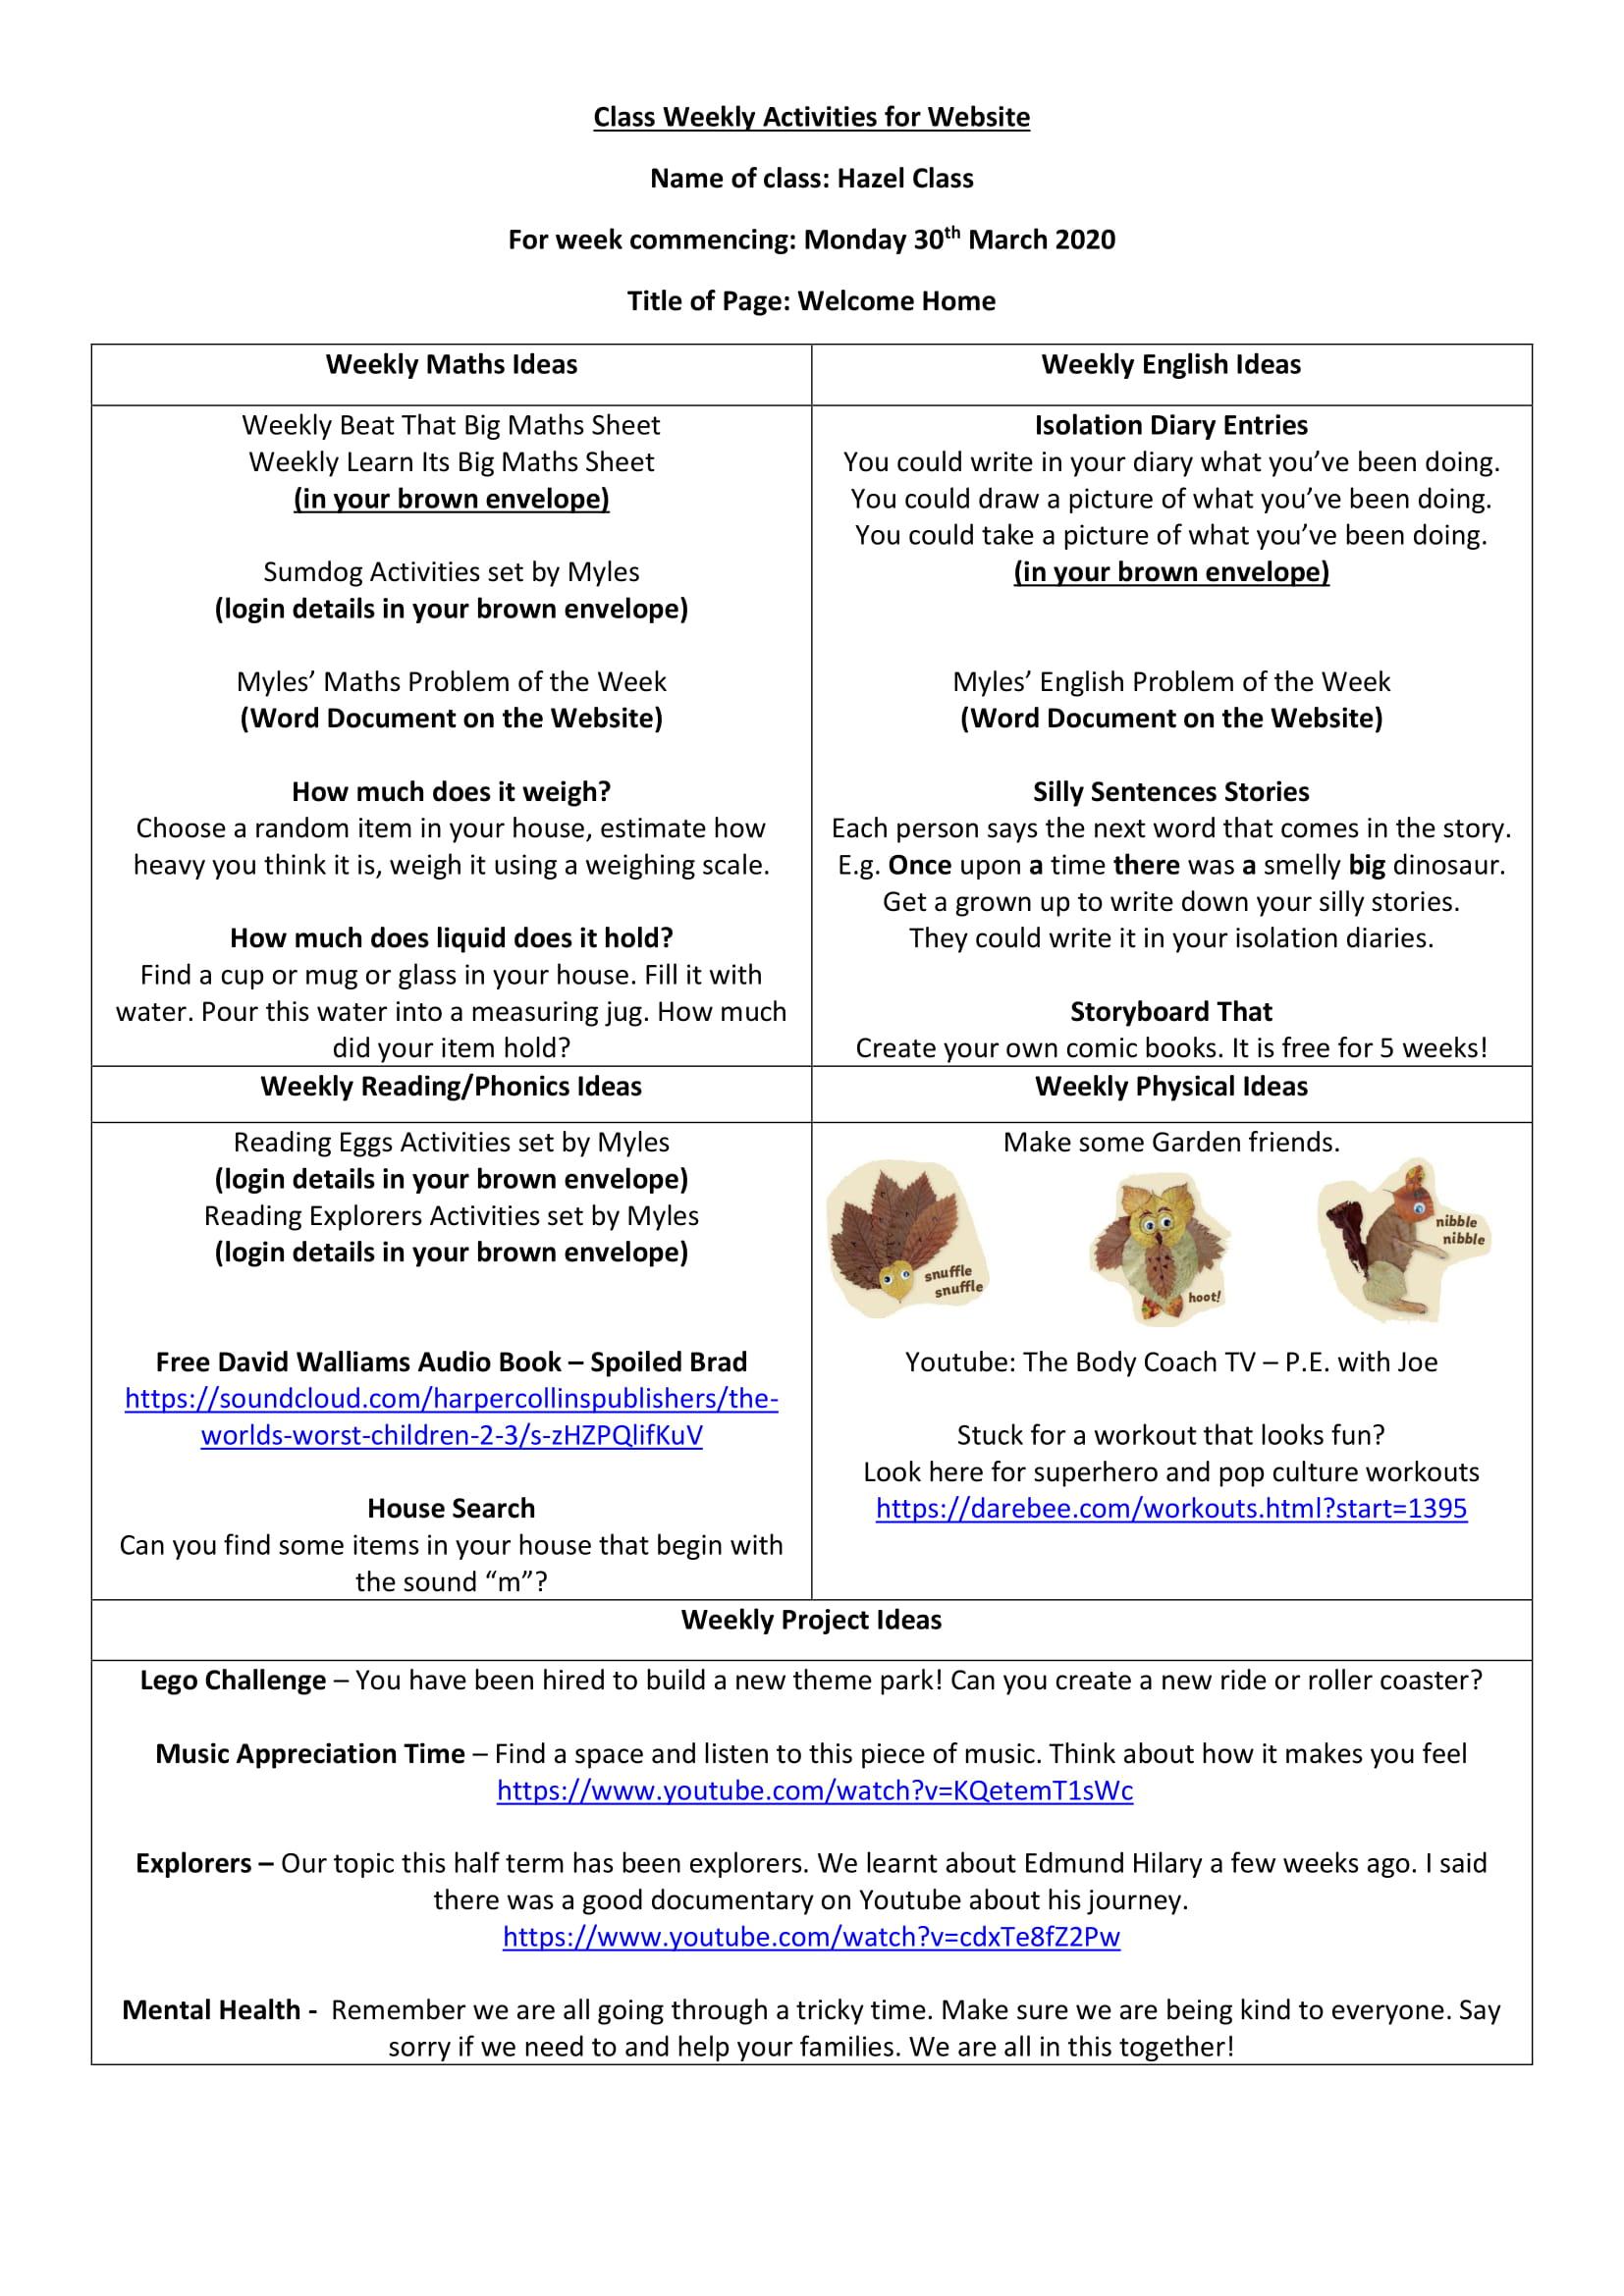 Hazel Class Worksheet Week 1-1